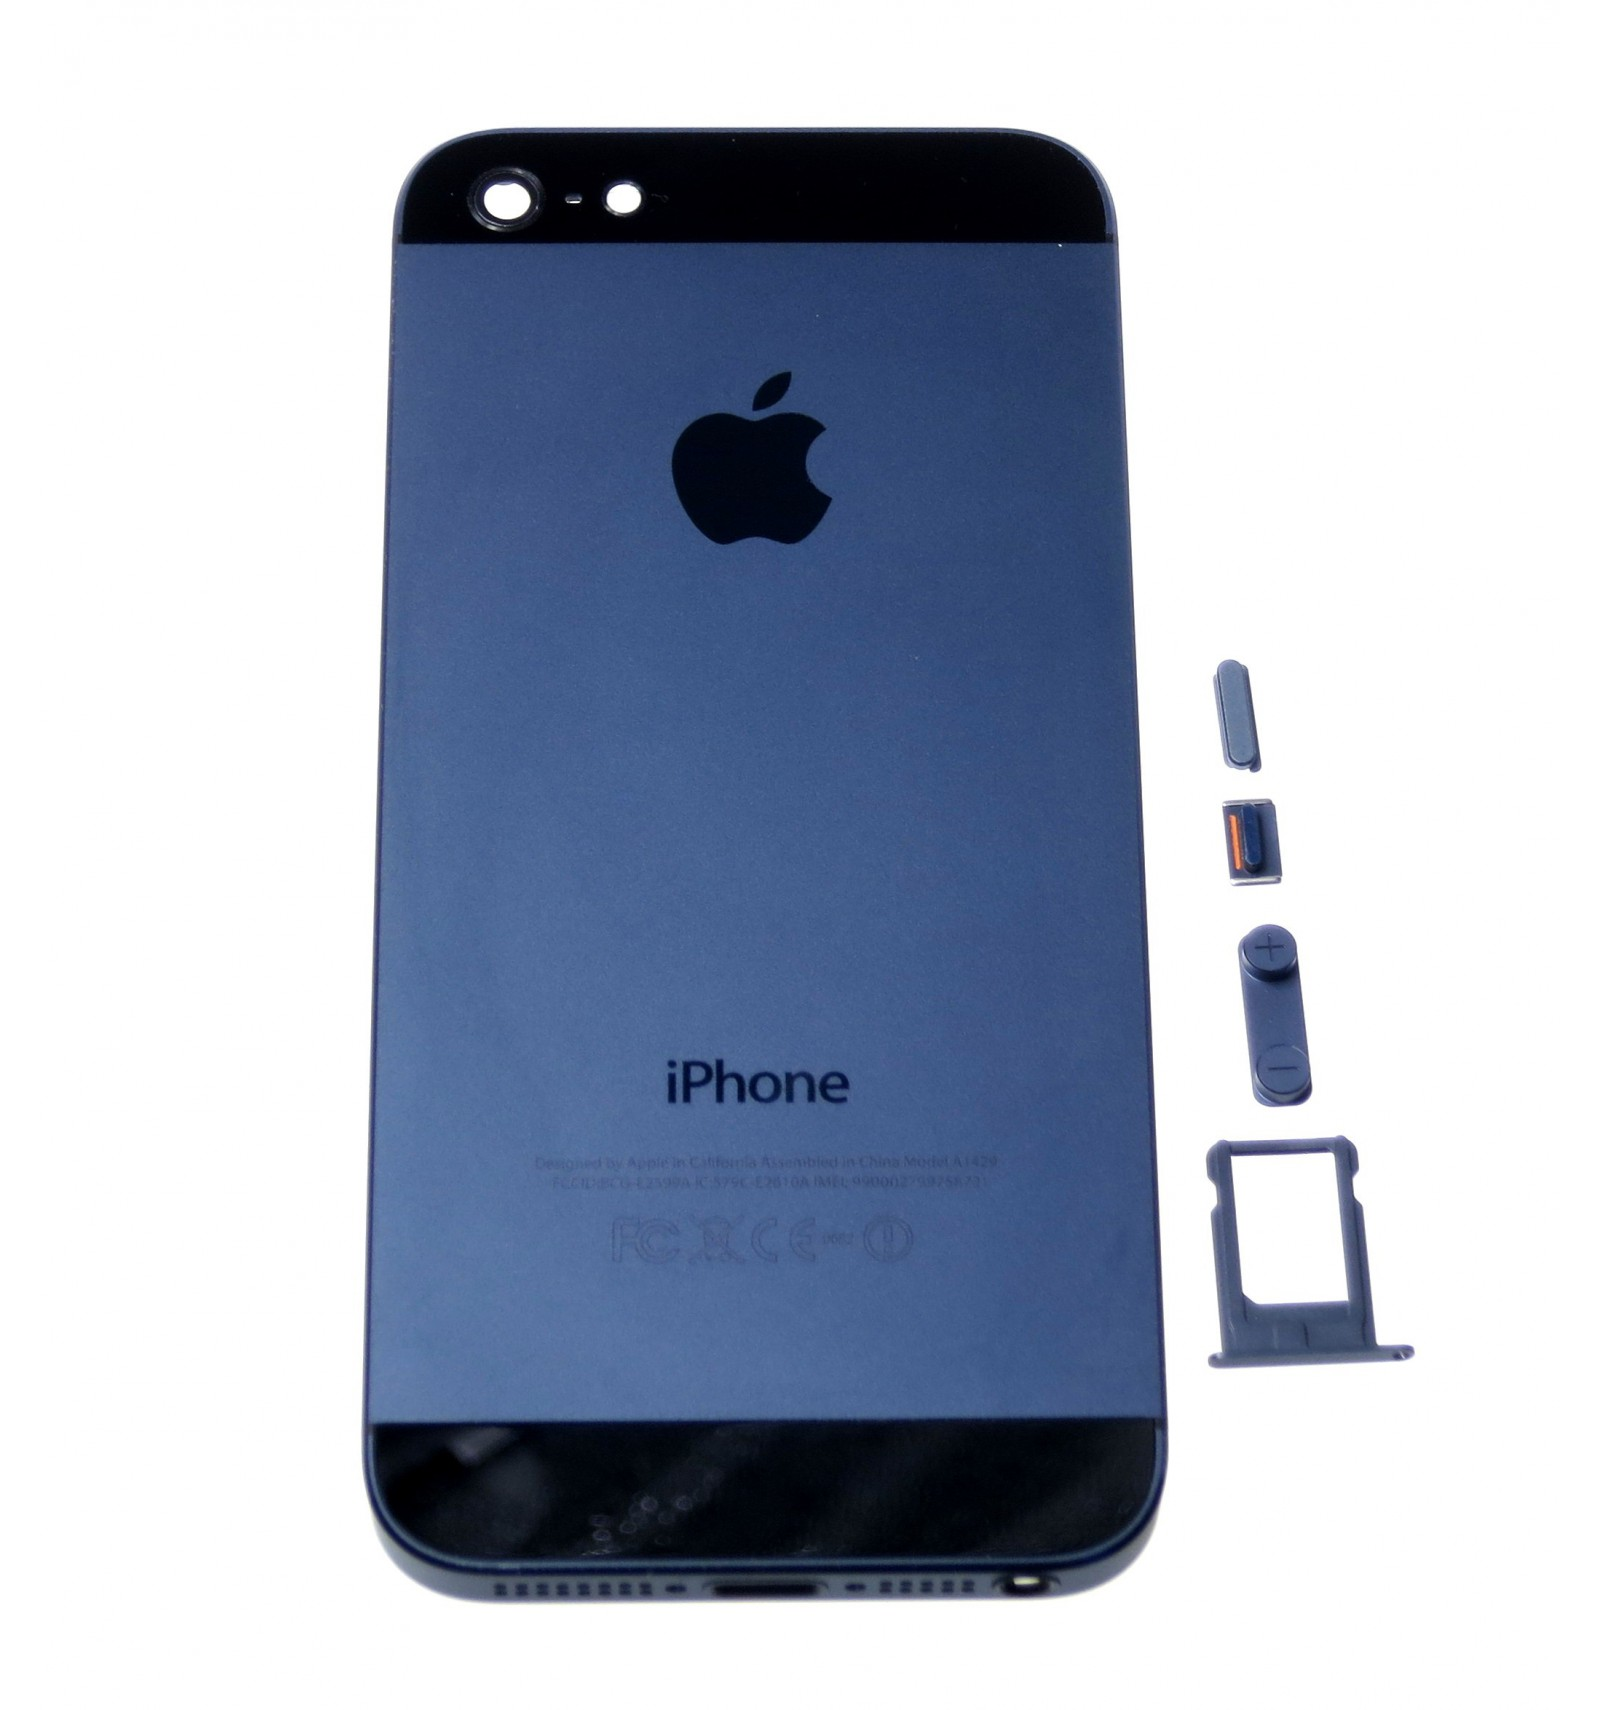 battery cover black oem for apple iphone 5. Black Bedroom Furniture Sets. Home Design Ideas